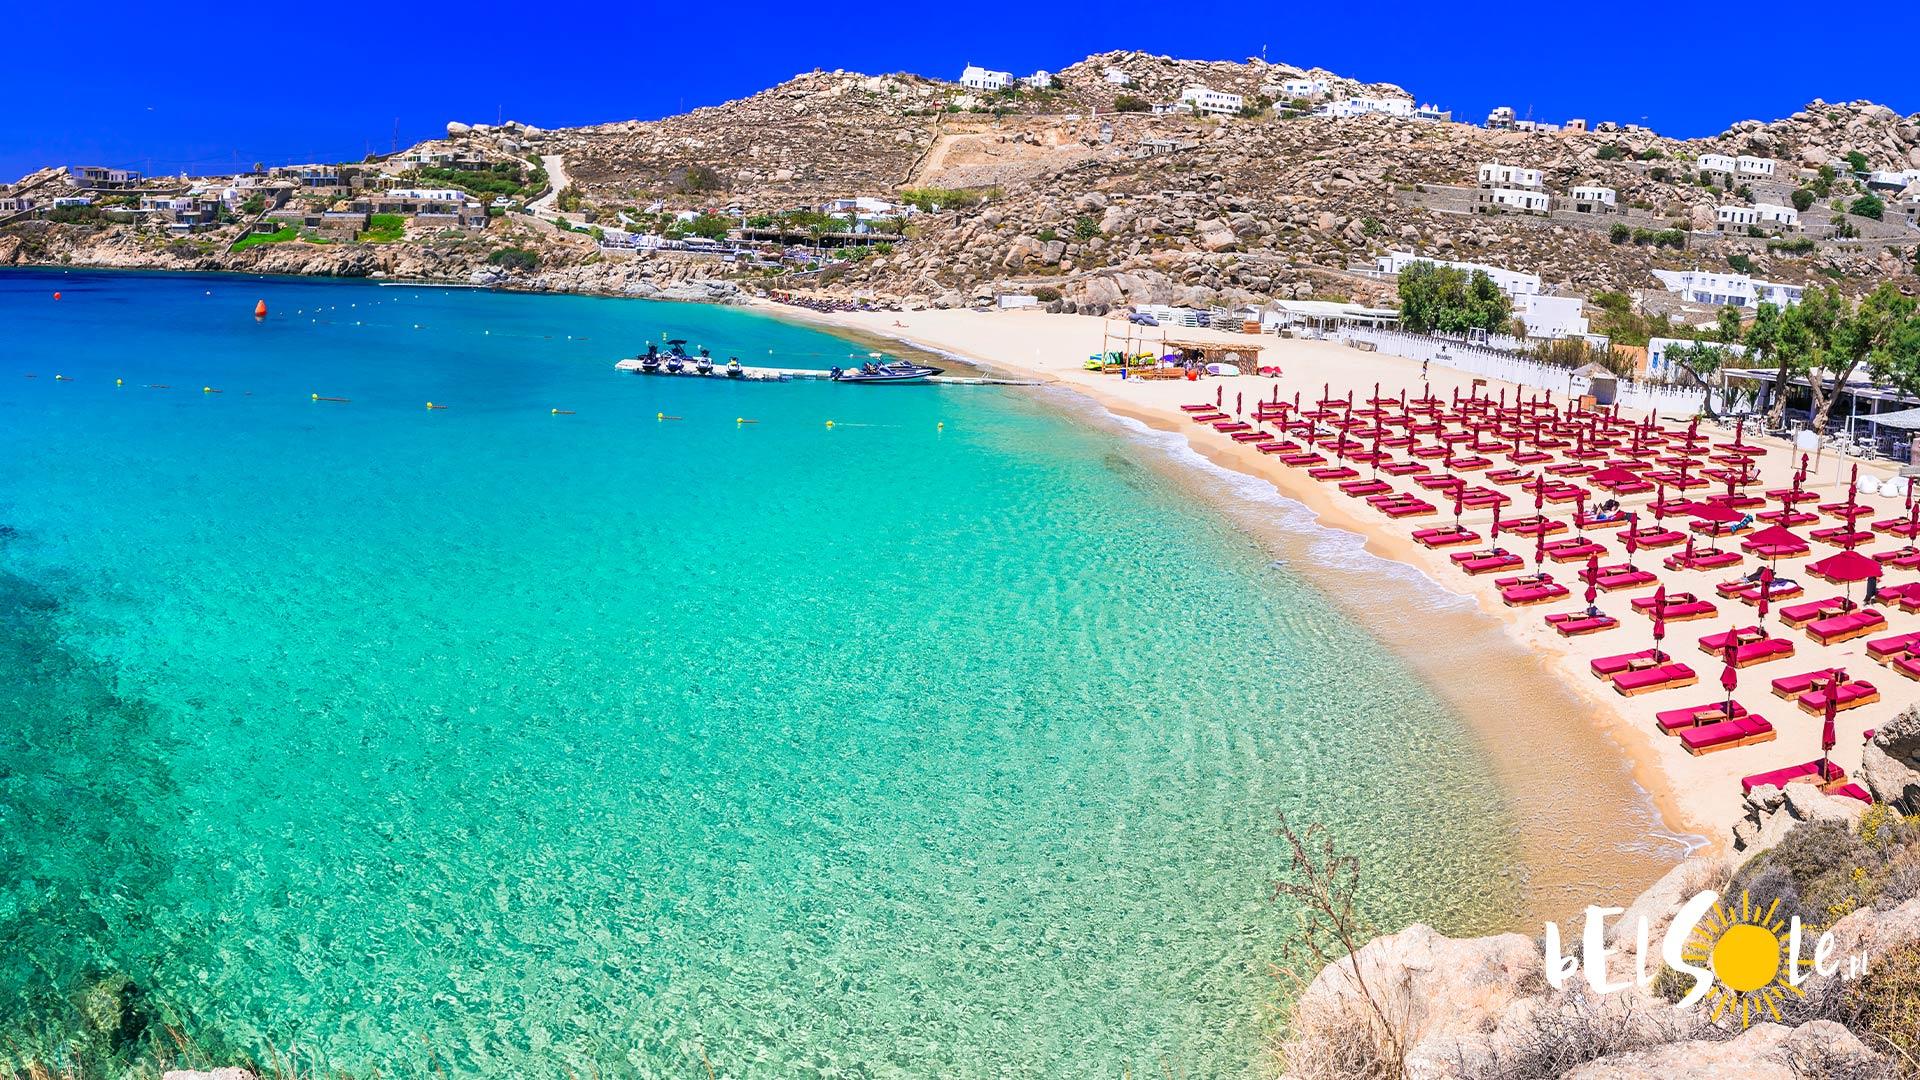 najladniejsze plaze Mykonos